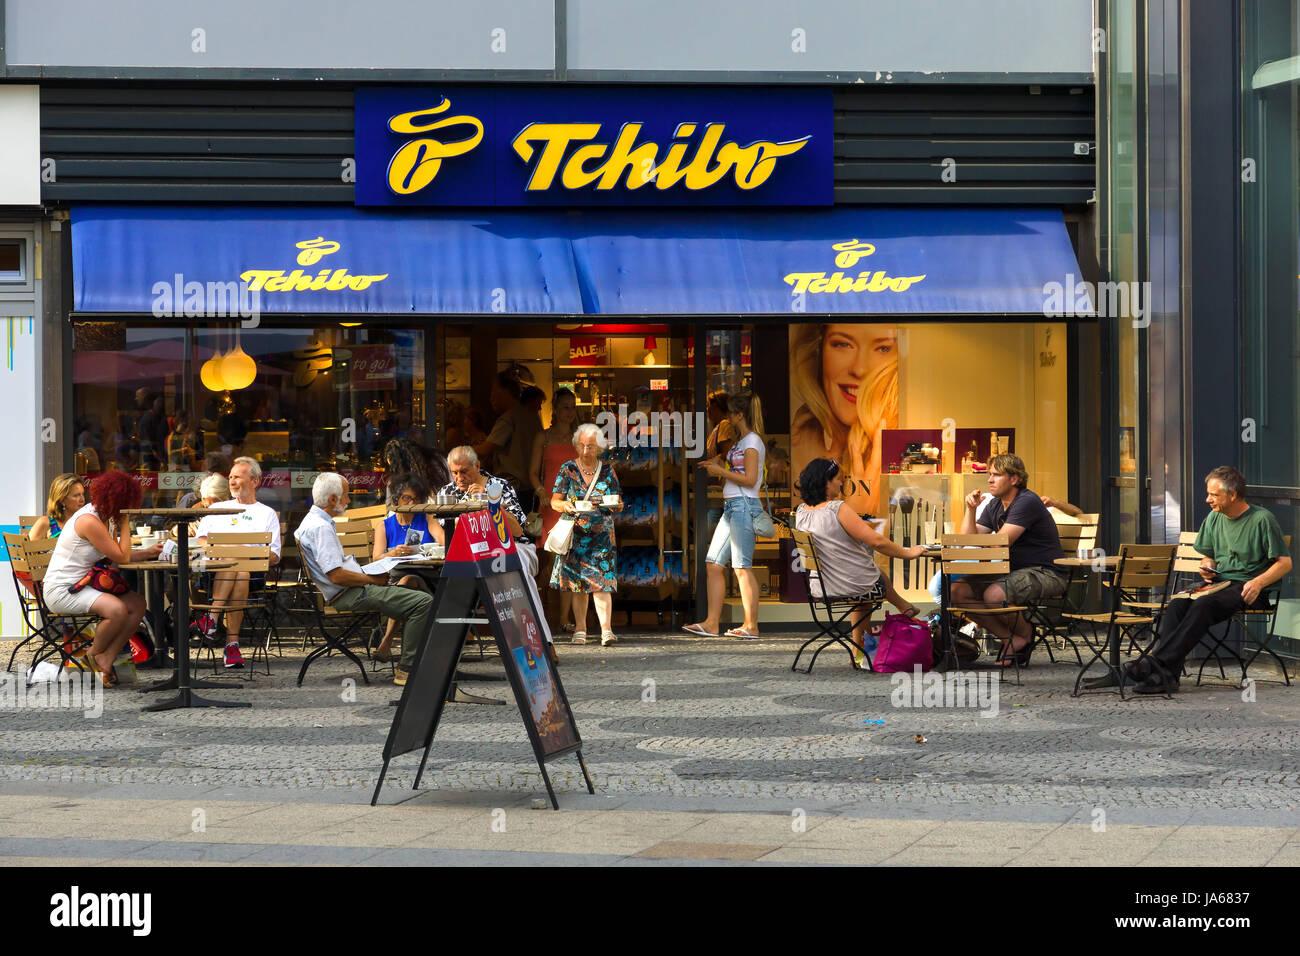 Suche nach Beamten elegante Form Schnäppchen 2017 Tschibo Stockfotos & Tschibo Bilder - Alamy